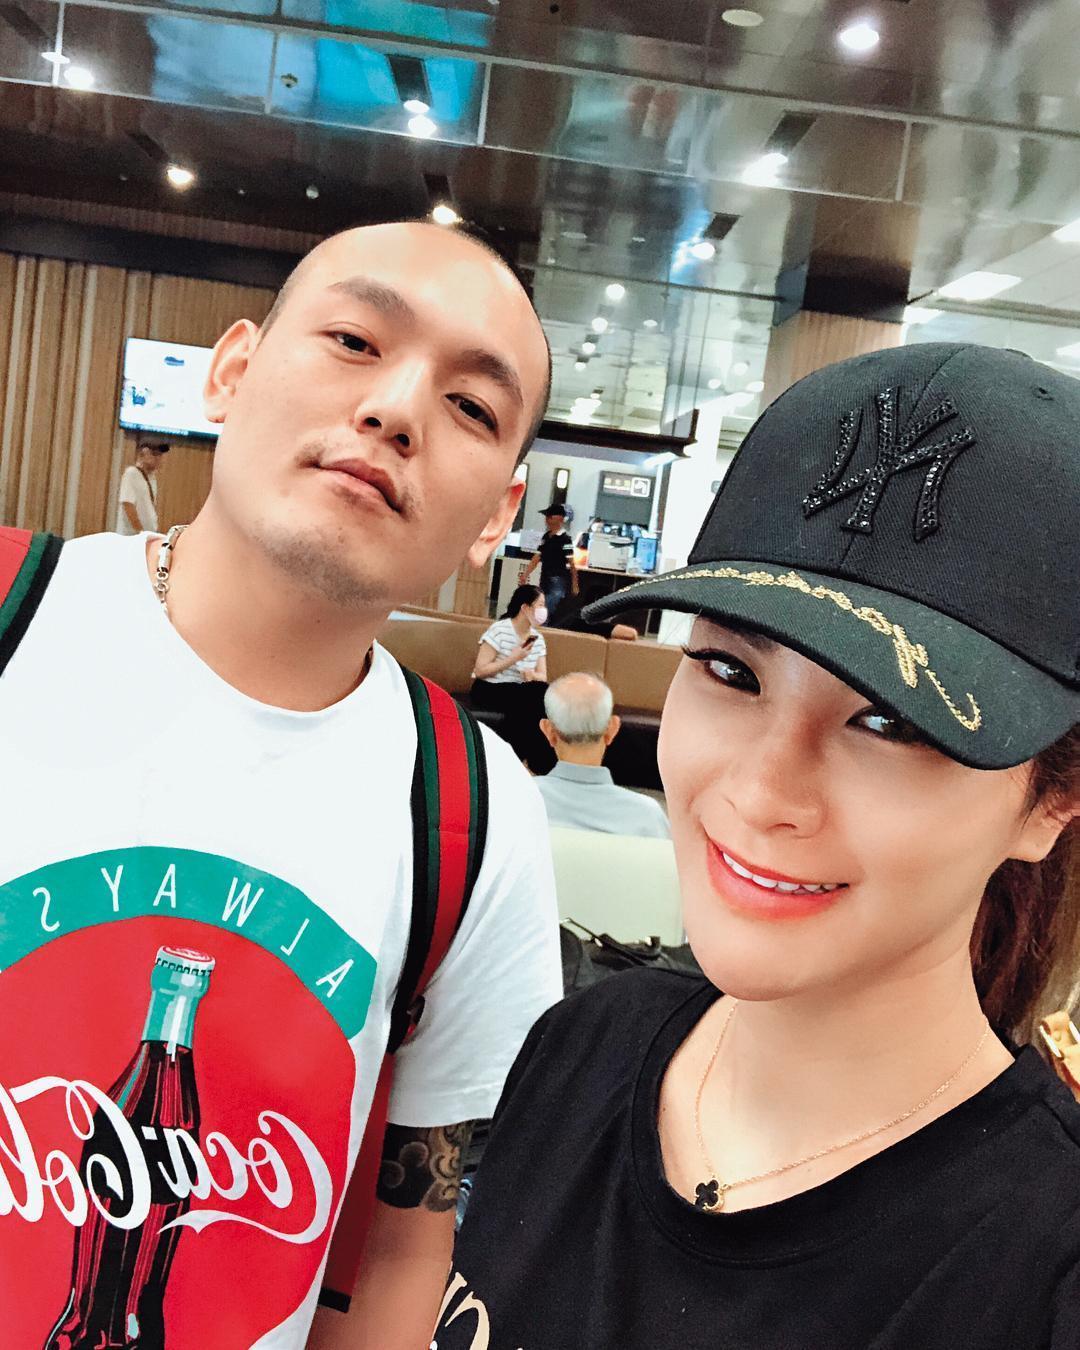 林以婕在娛樂圈的關係似乎頗好,曾與玖壹壹成員春風(左)合照。(翻攝自林以婕IG)